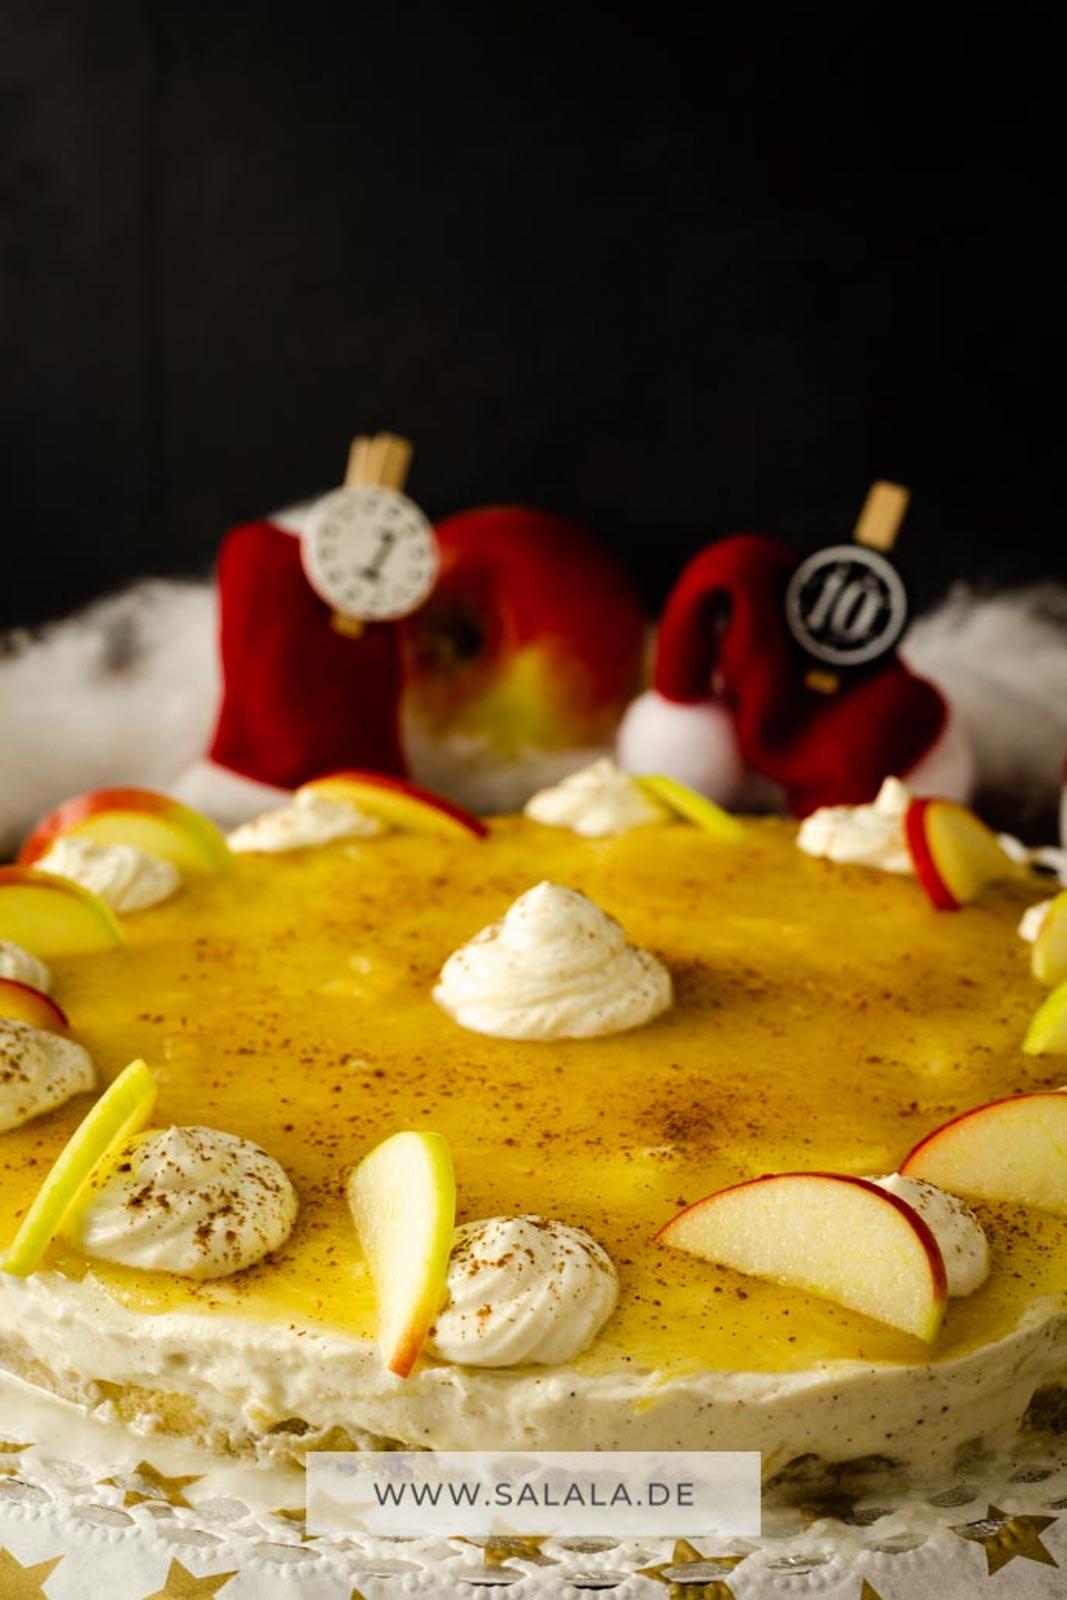 Kühlschranktorte im Advent klingt komisch, ist aber ziemlich lecker. Vor allem, wenn es ein Apfel-Zimt Käsekuchen ist. Perfekt für die Weihnachtsfeier und mit wenig Kohlenhydraten. Ein weihnachtlicher Kühlschrank Low Carb Traum. #Kuehlschranktorte #Adventstorte #LowCarbKaeskuchen #LowCarbApfelkuchen #LowCarbWeihnachtstorte #LowCarbWeihnachten